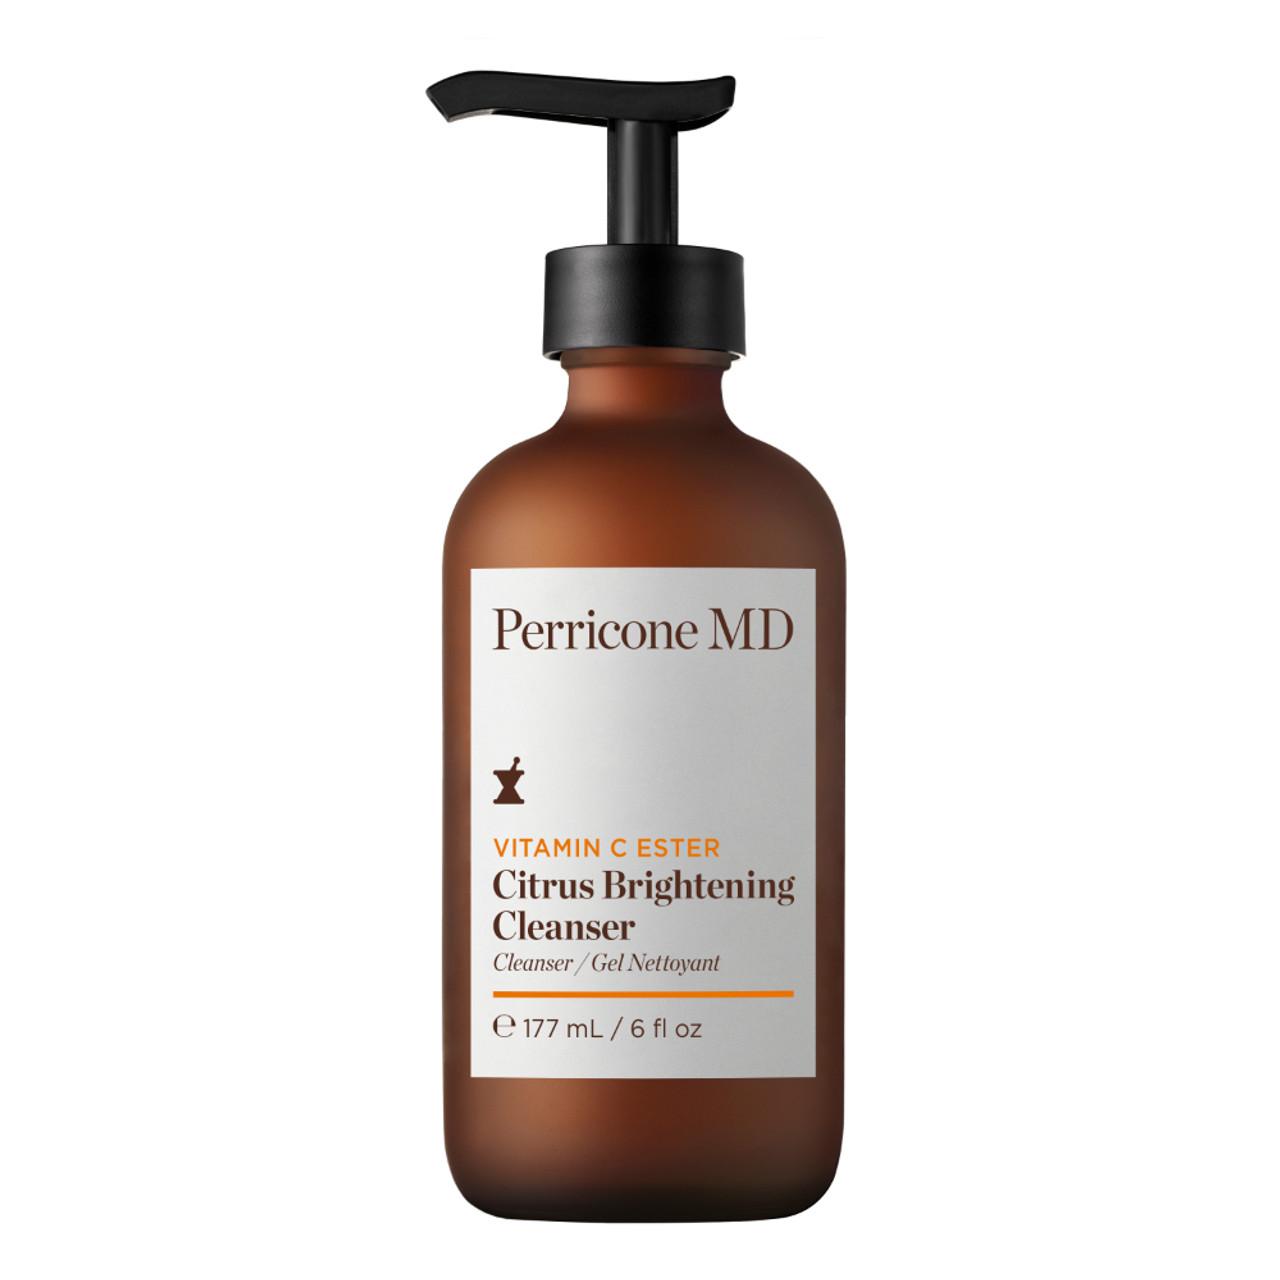 Perricone MD Vitamin C Ester Citrus Brightening Facial Cleanser